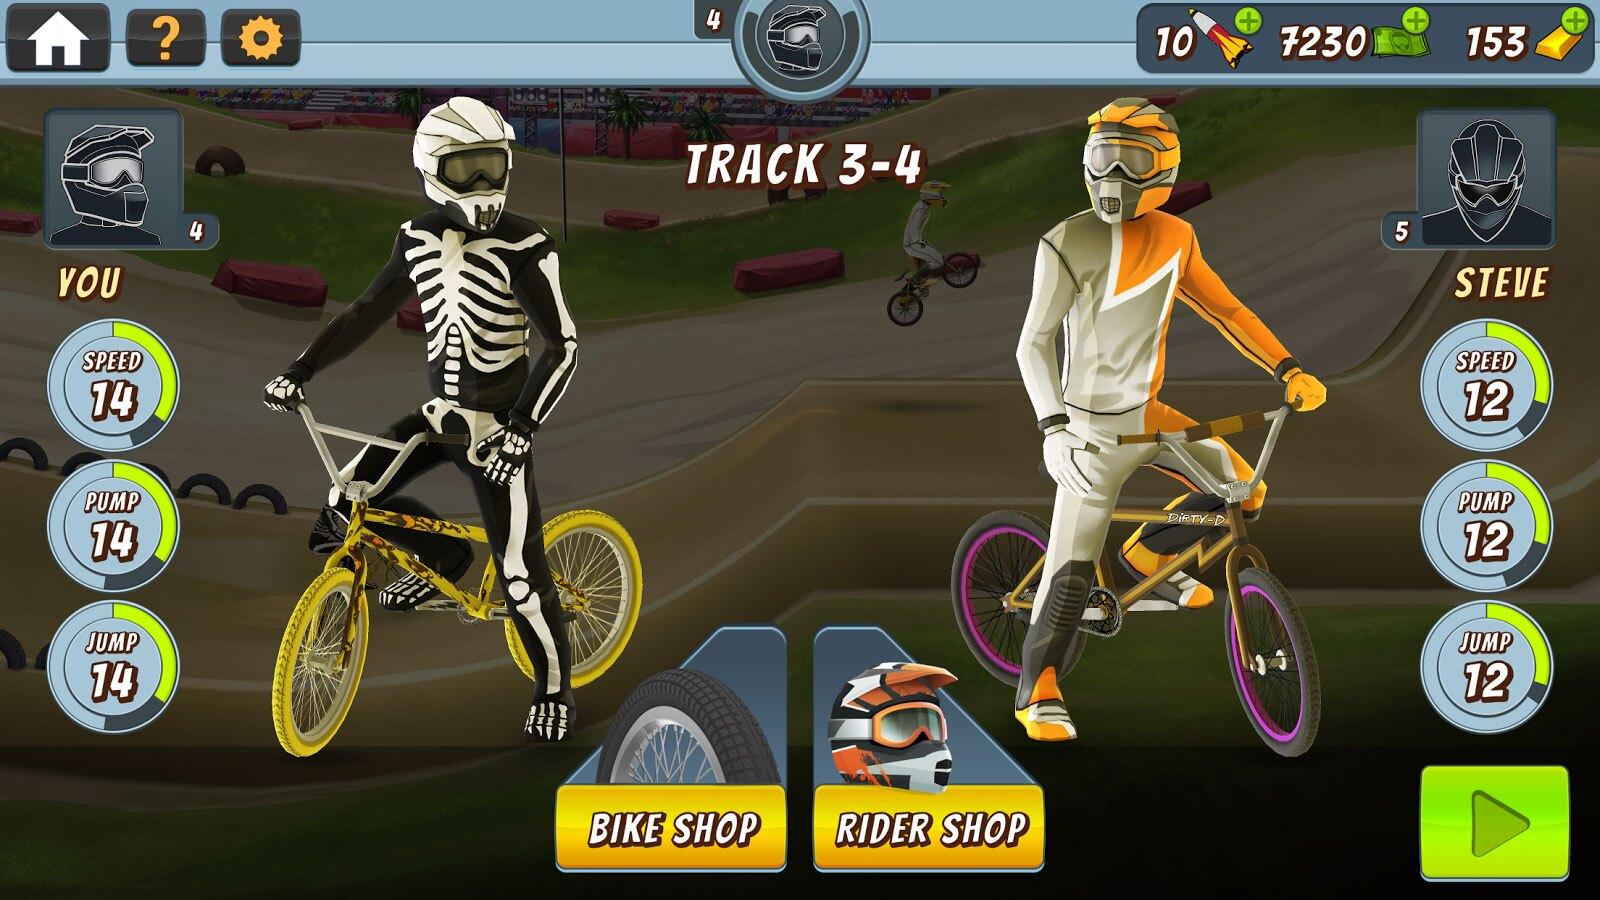 دانلود بازی دوچرخه دیوانه Mad Skills BMX 2